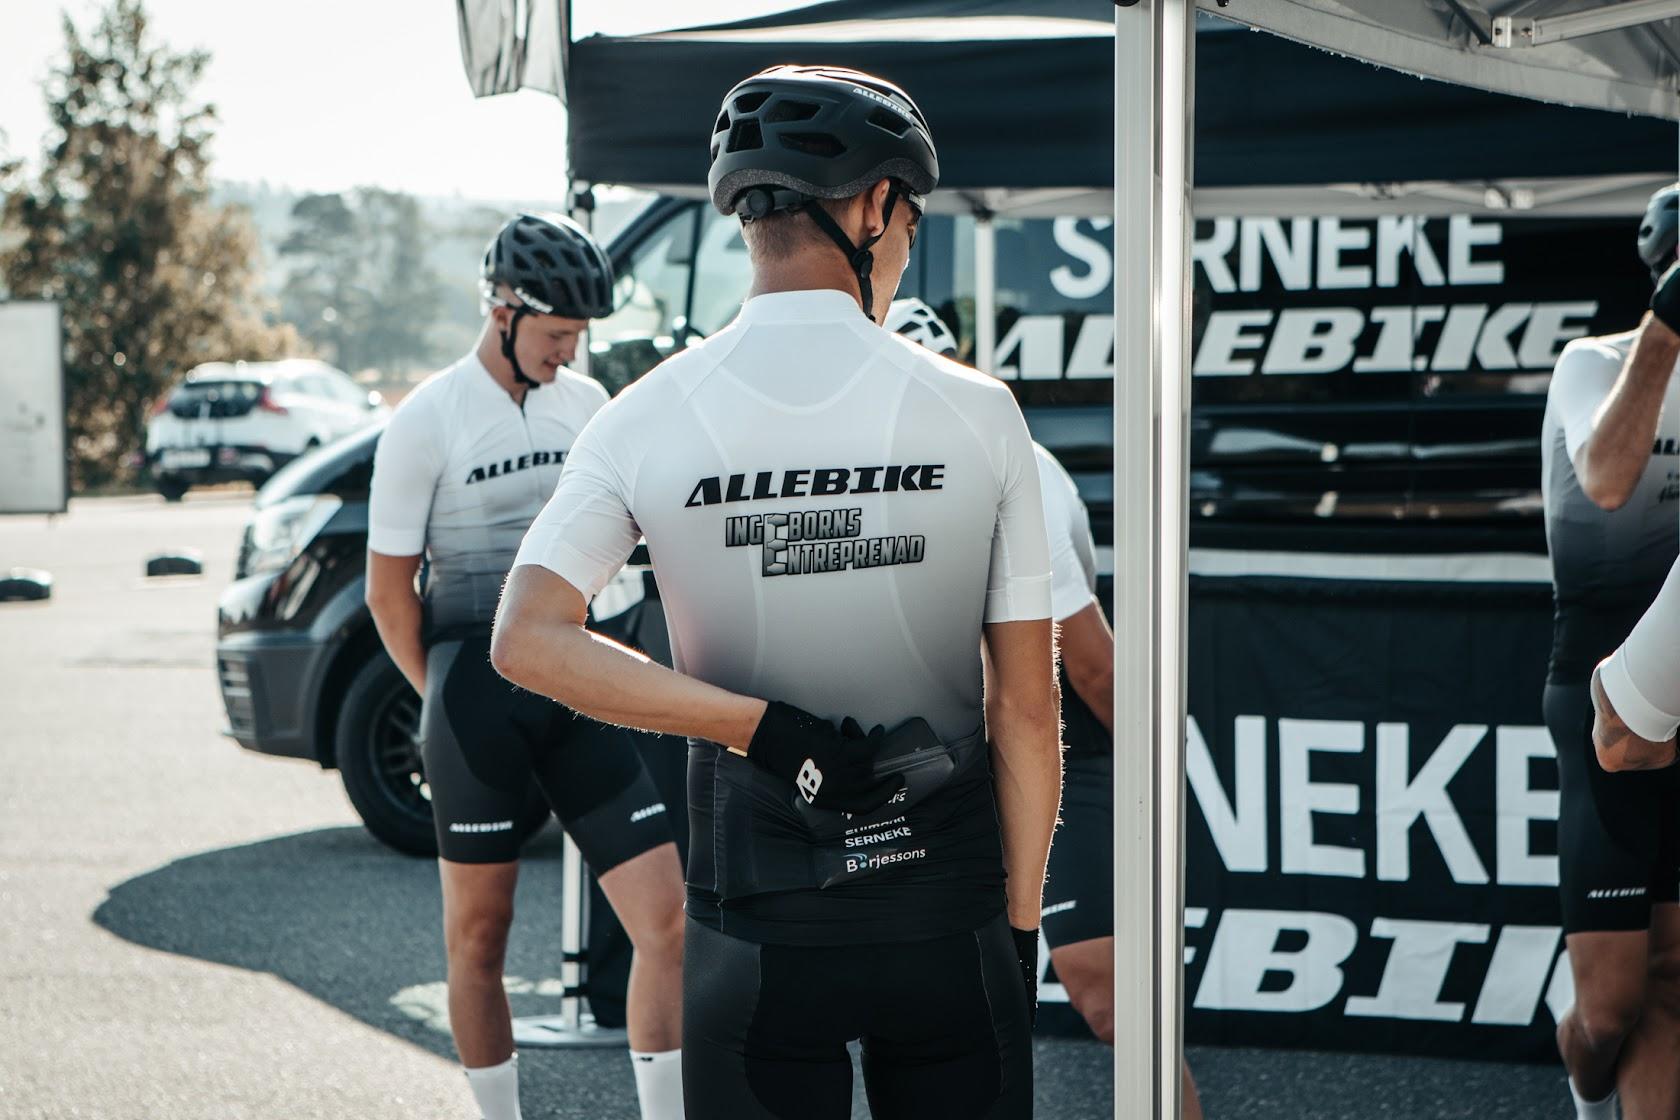 Svart cykelhjälm utvecklad av Allebike